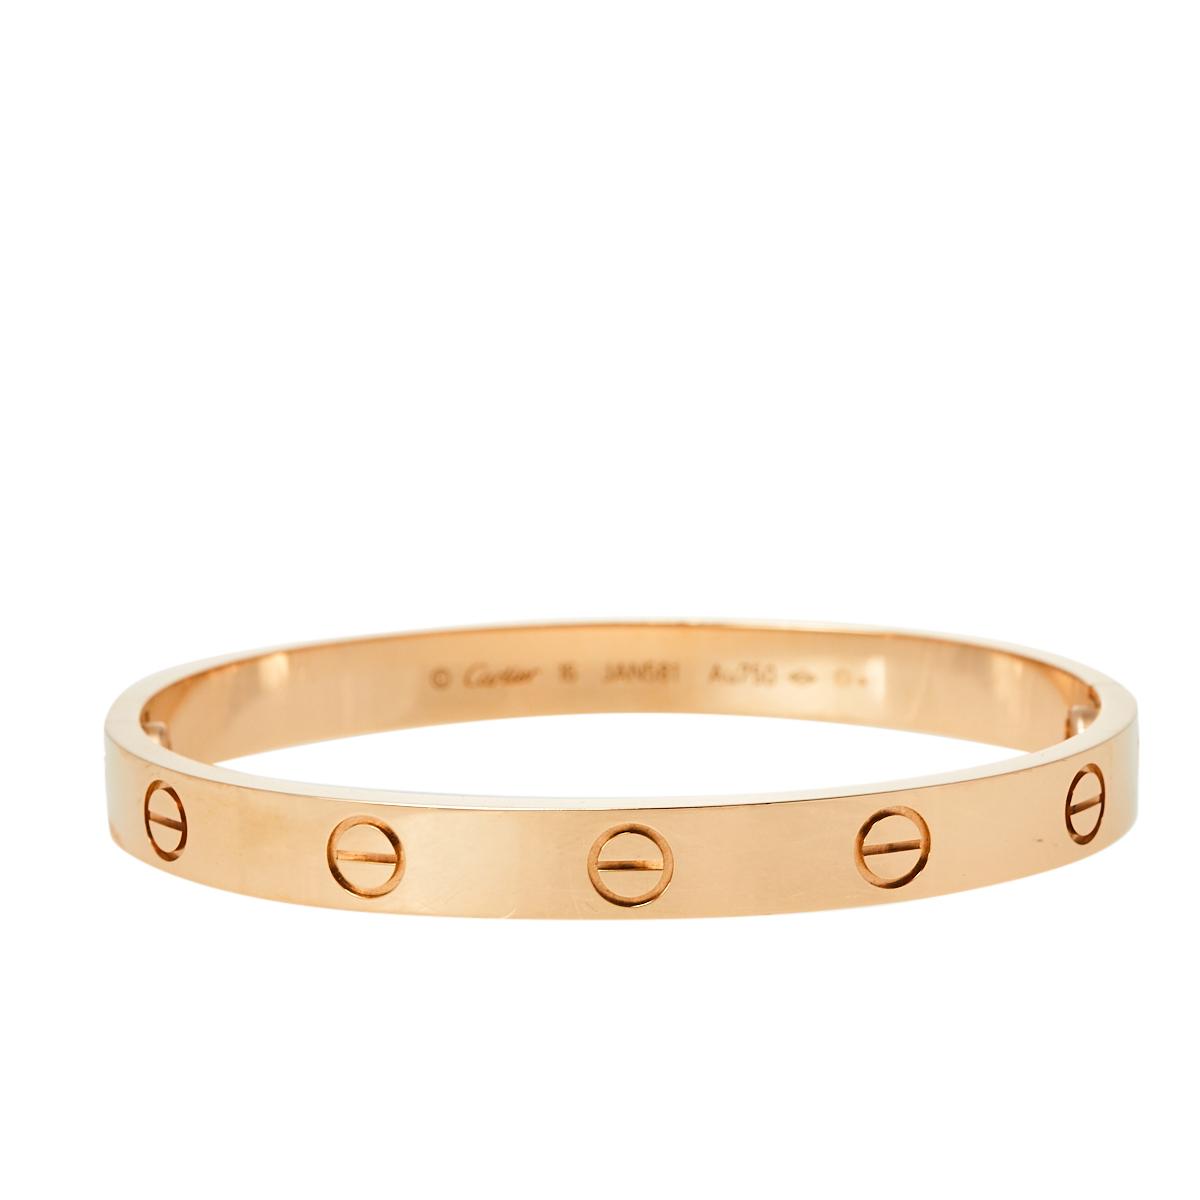 Pre-owned Cartier Love 18k Rose Gold Bracelet 16